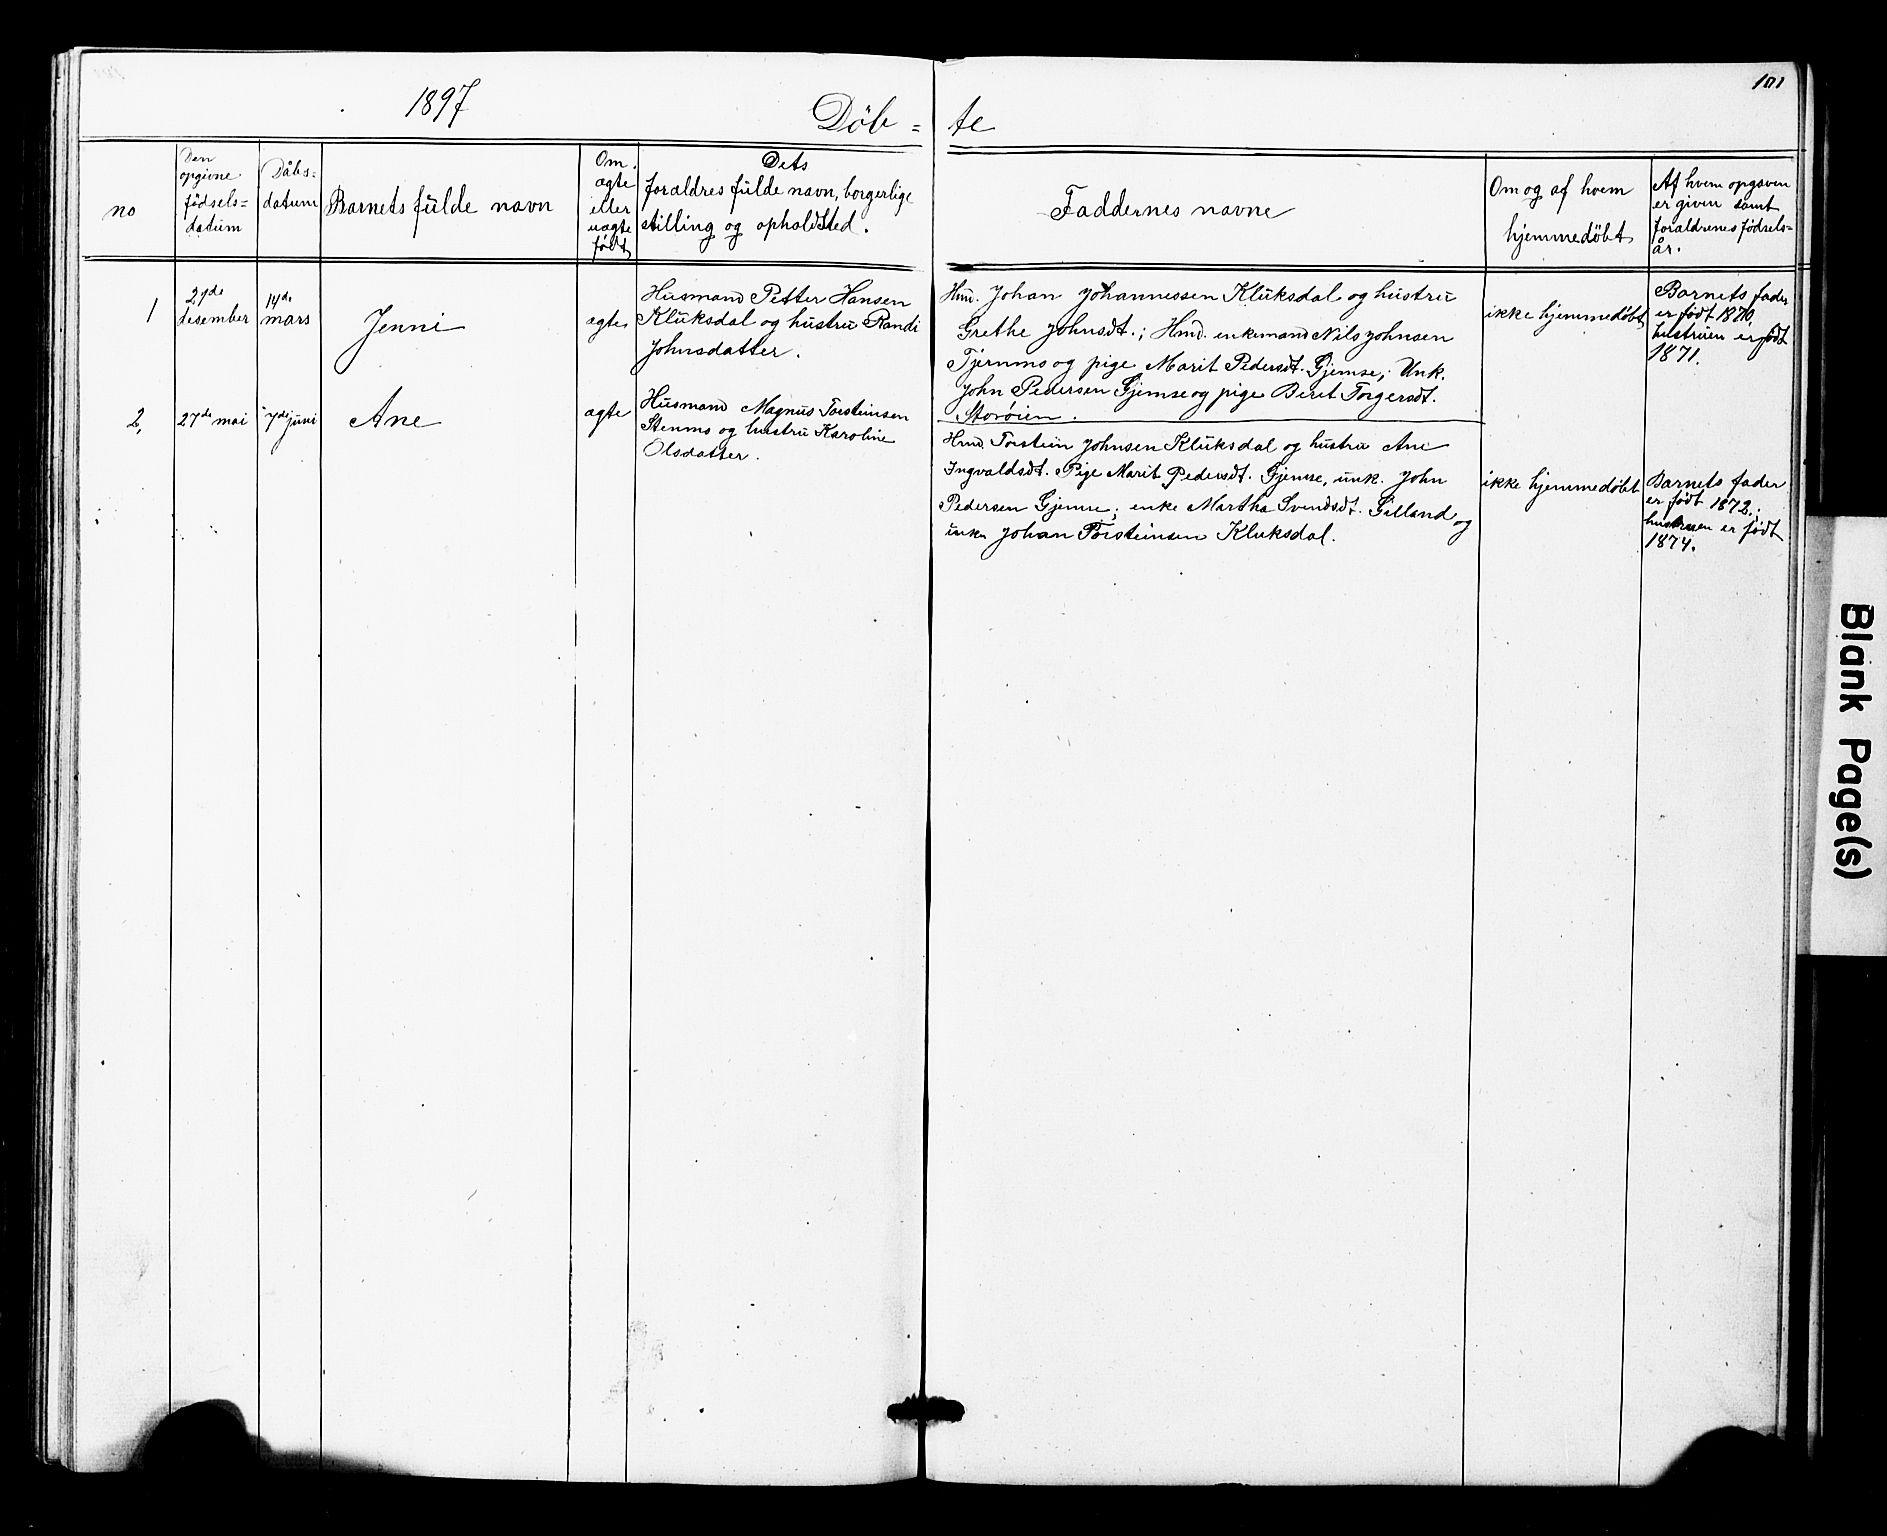 SAT, Ministerialprotokoller, klokkerbøker og fødselsregistre - Nord-Trøndelag, 707/L0052: Klokkerbok nr. 707C01, 1864-1897, s. 101